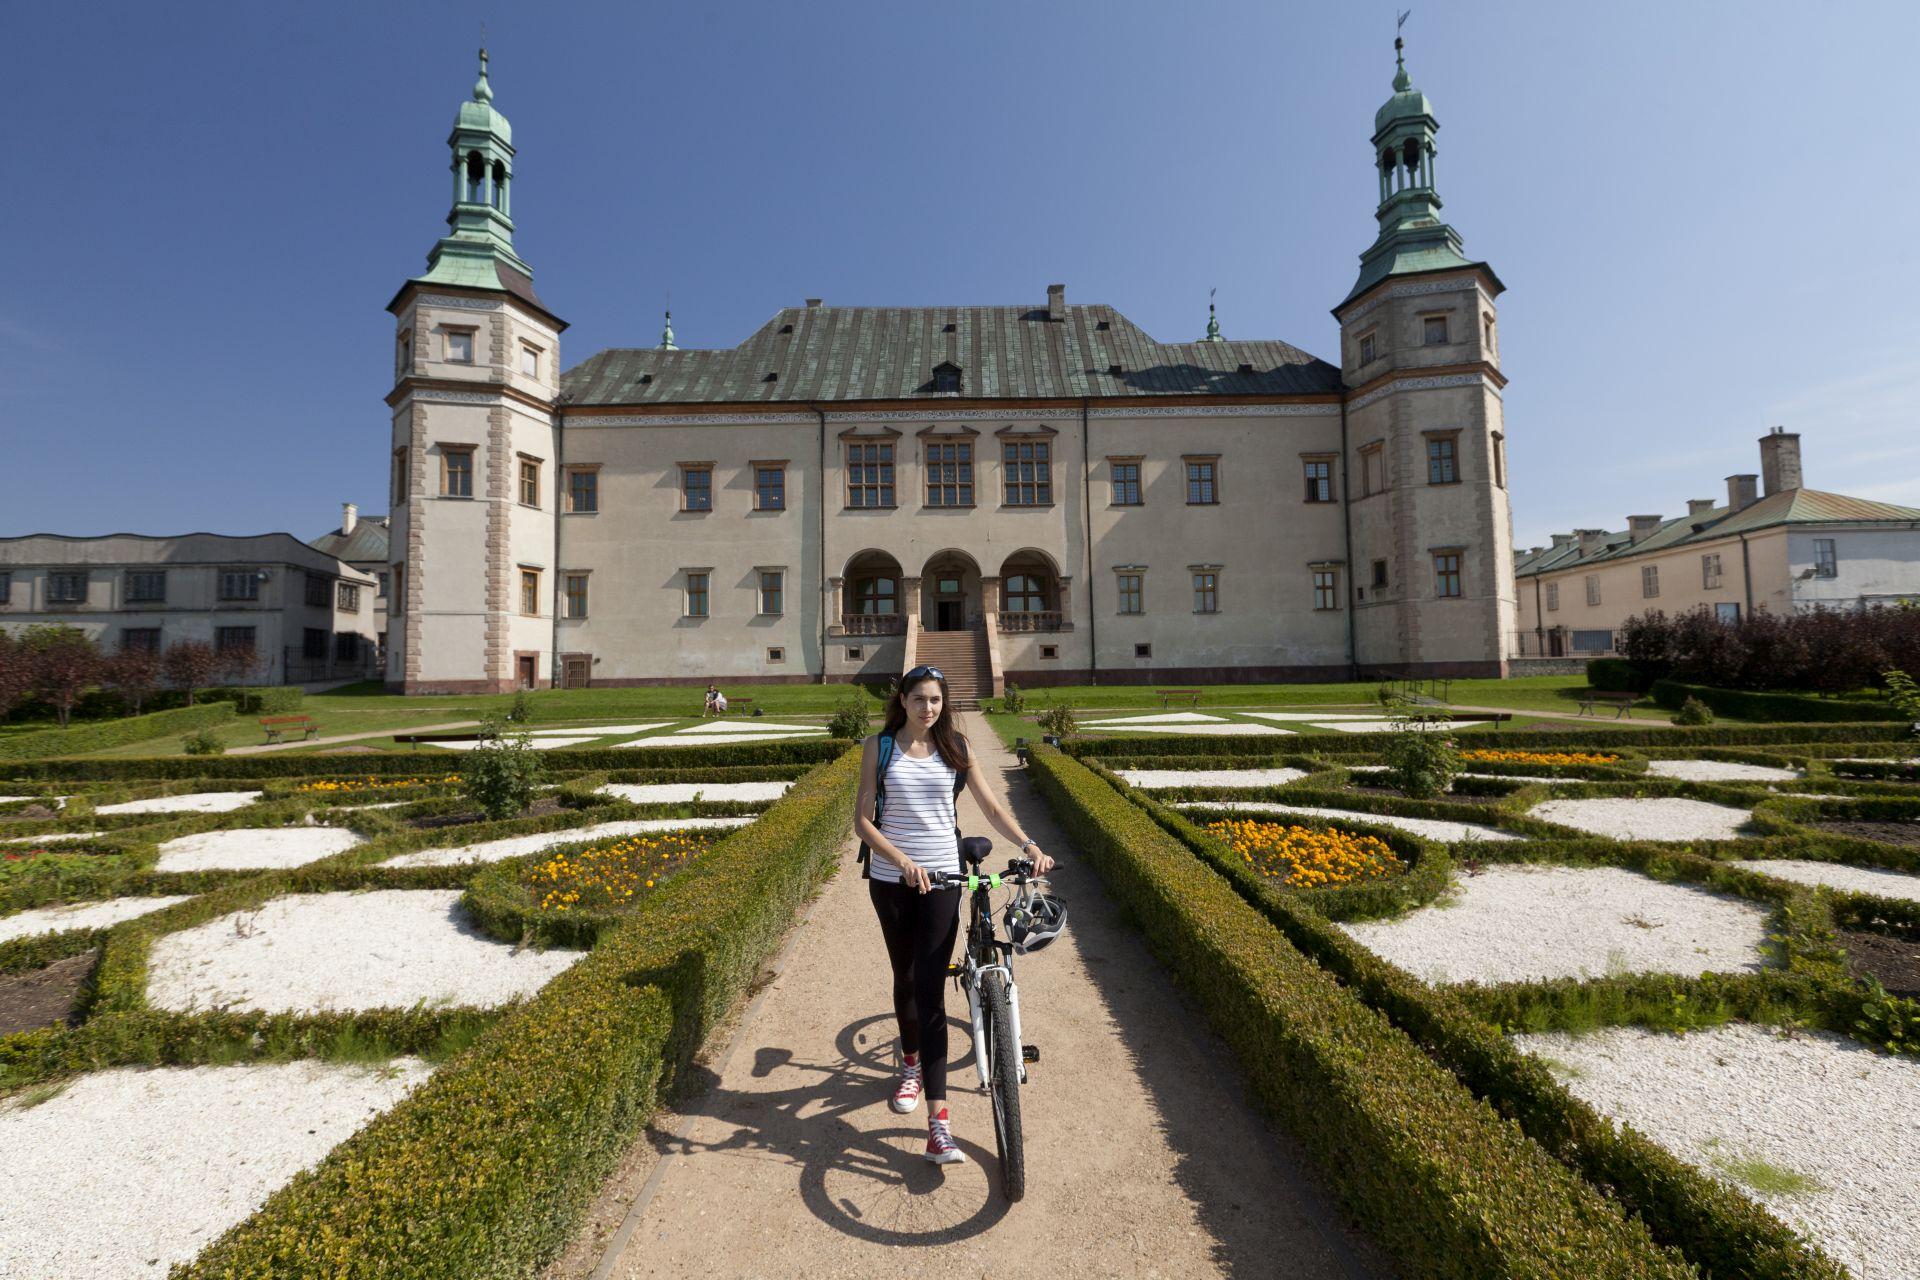 Rowerem przez Polskę Biuro podróży Goforworld by Kuźniar